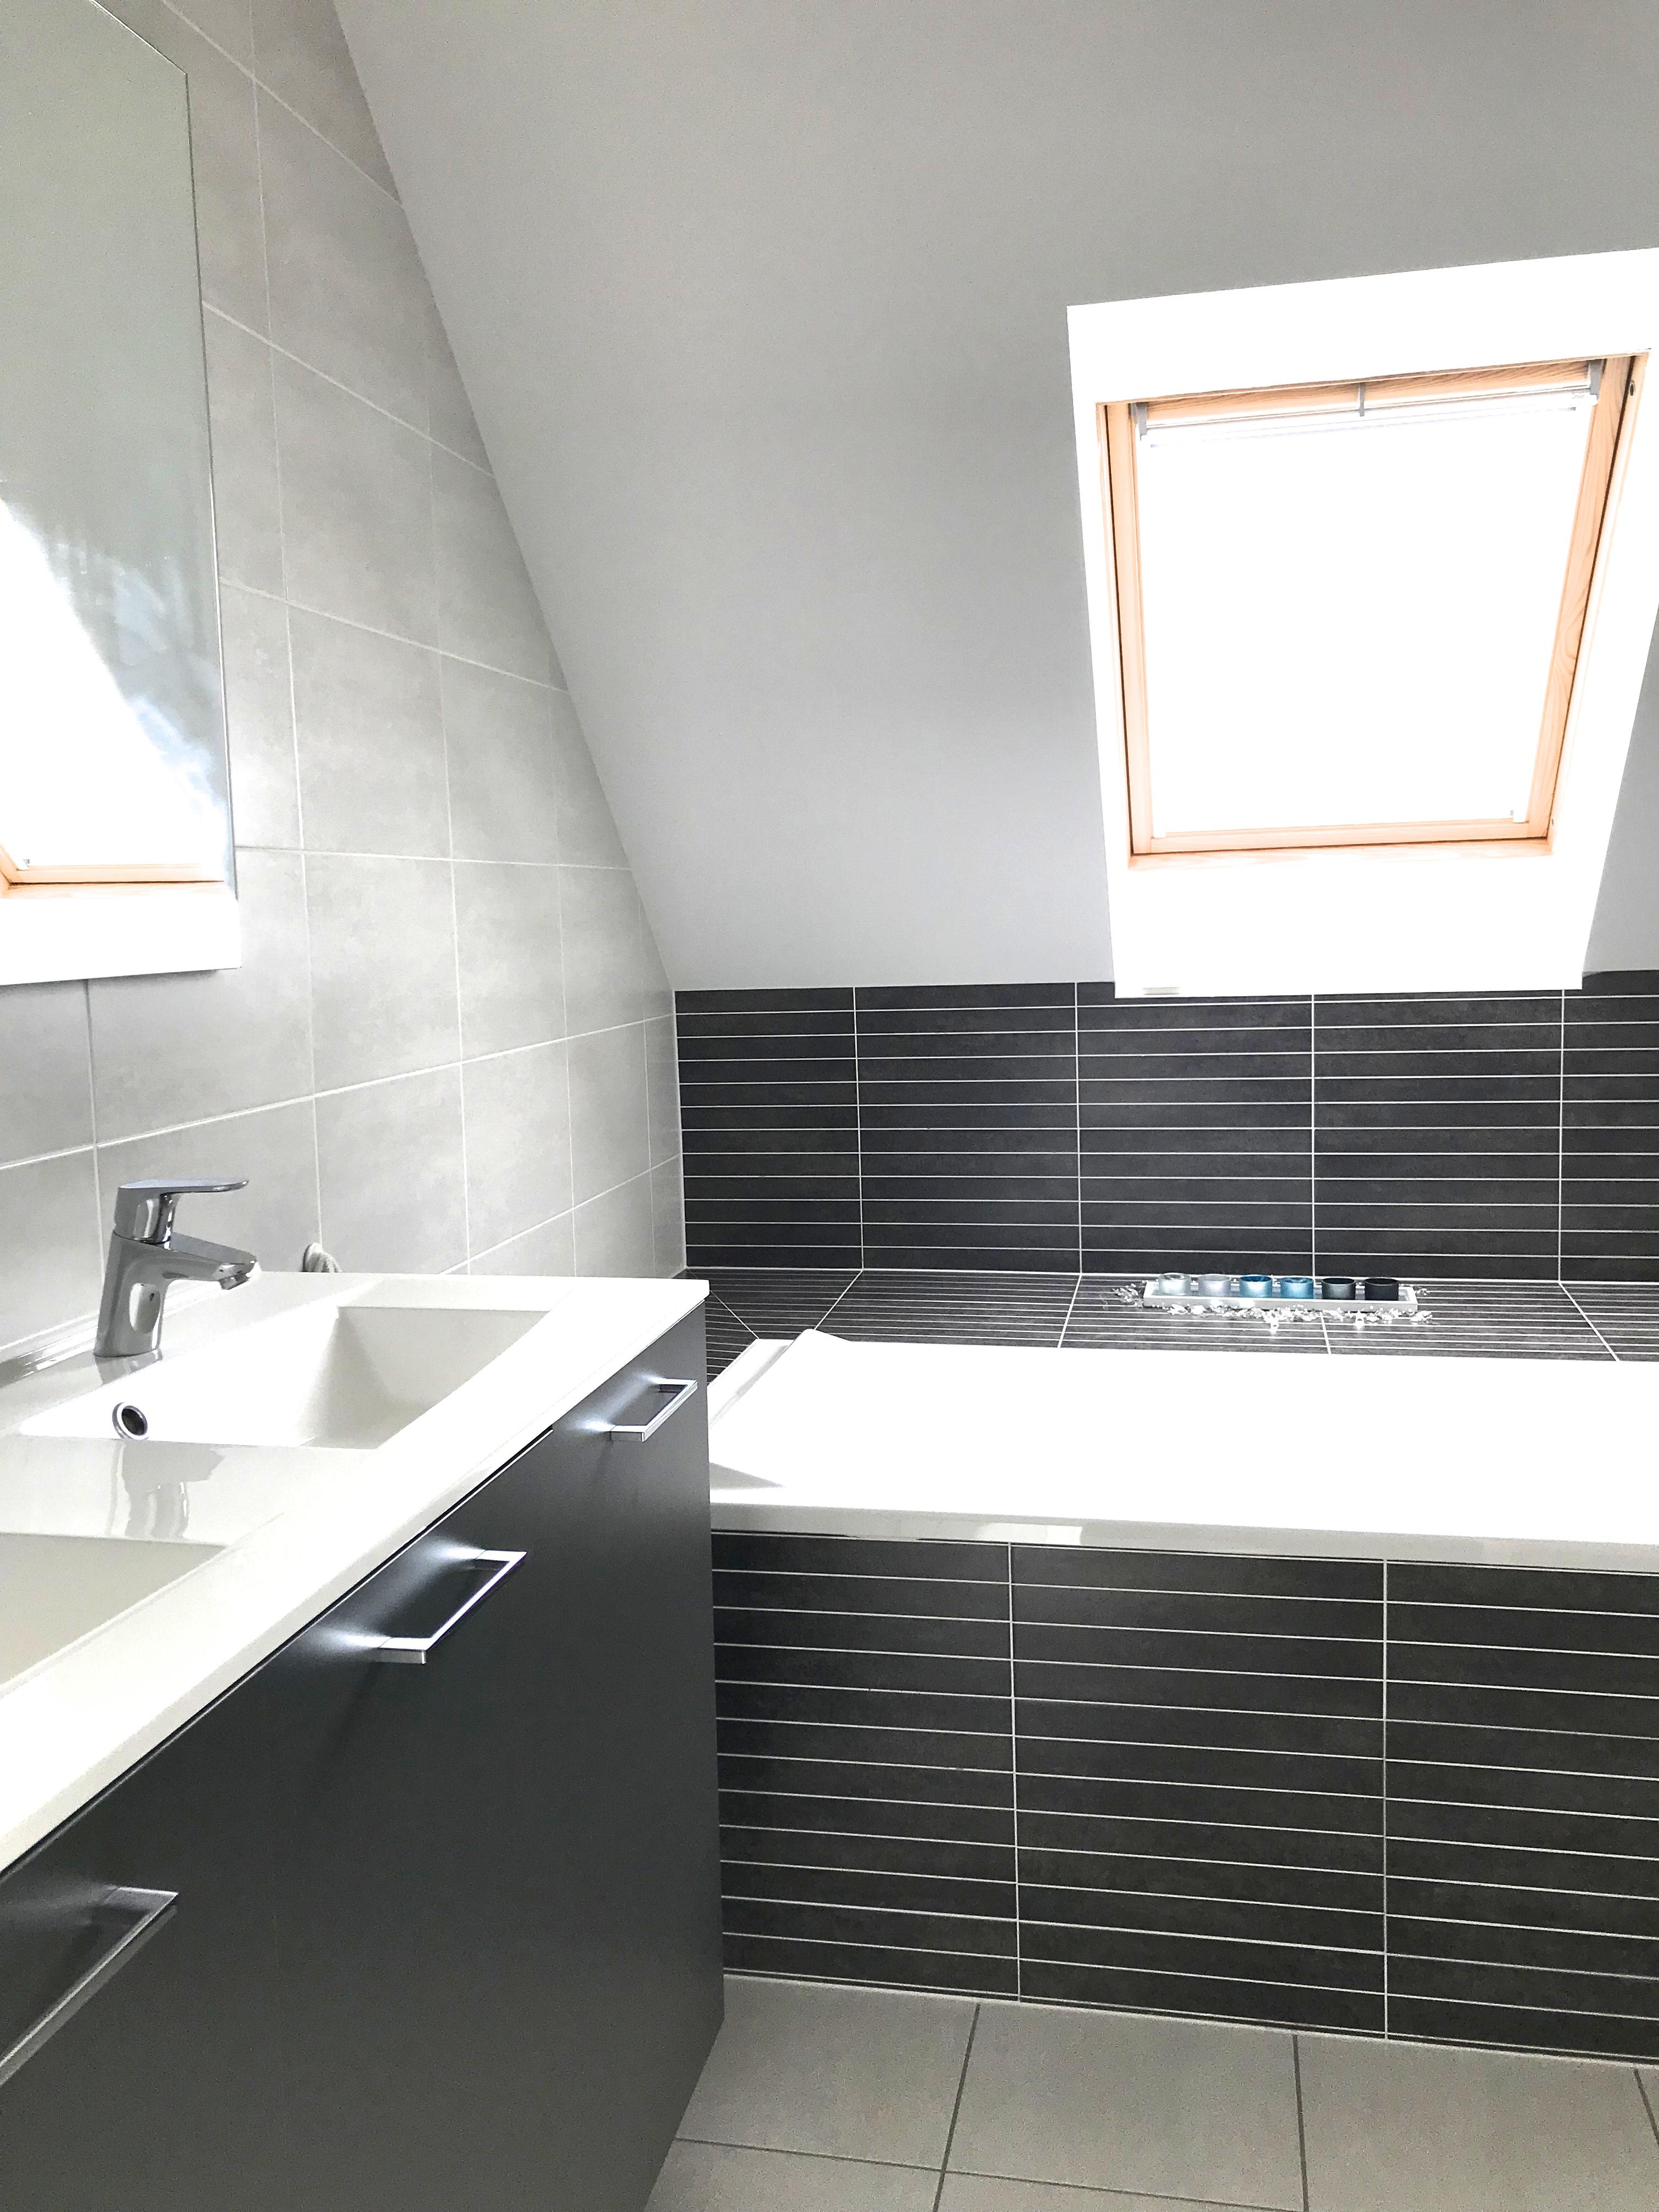 immobili re du waldhof achat et location dans le bas rhin strasbourg la wantzenau et cus4 p. Black Bedroom Furniture Sets. Home Design Ideas